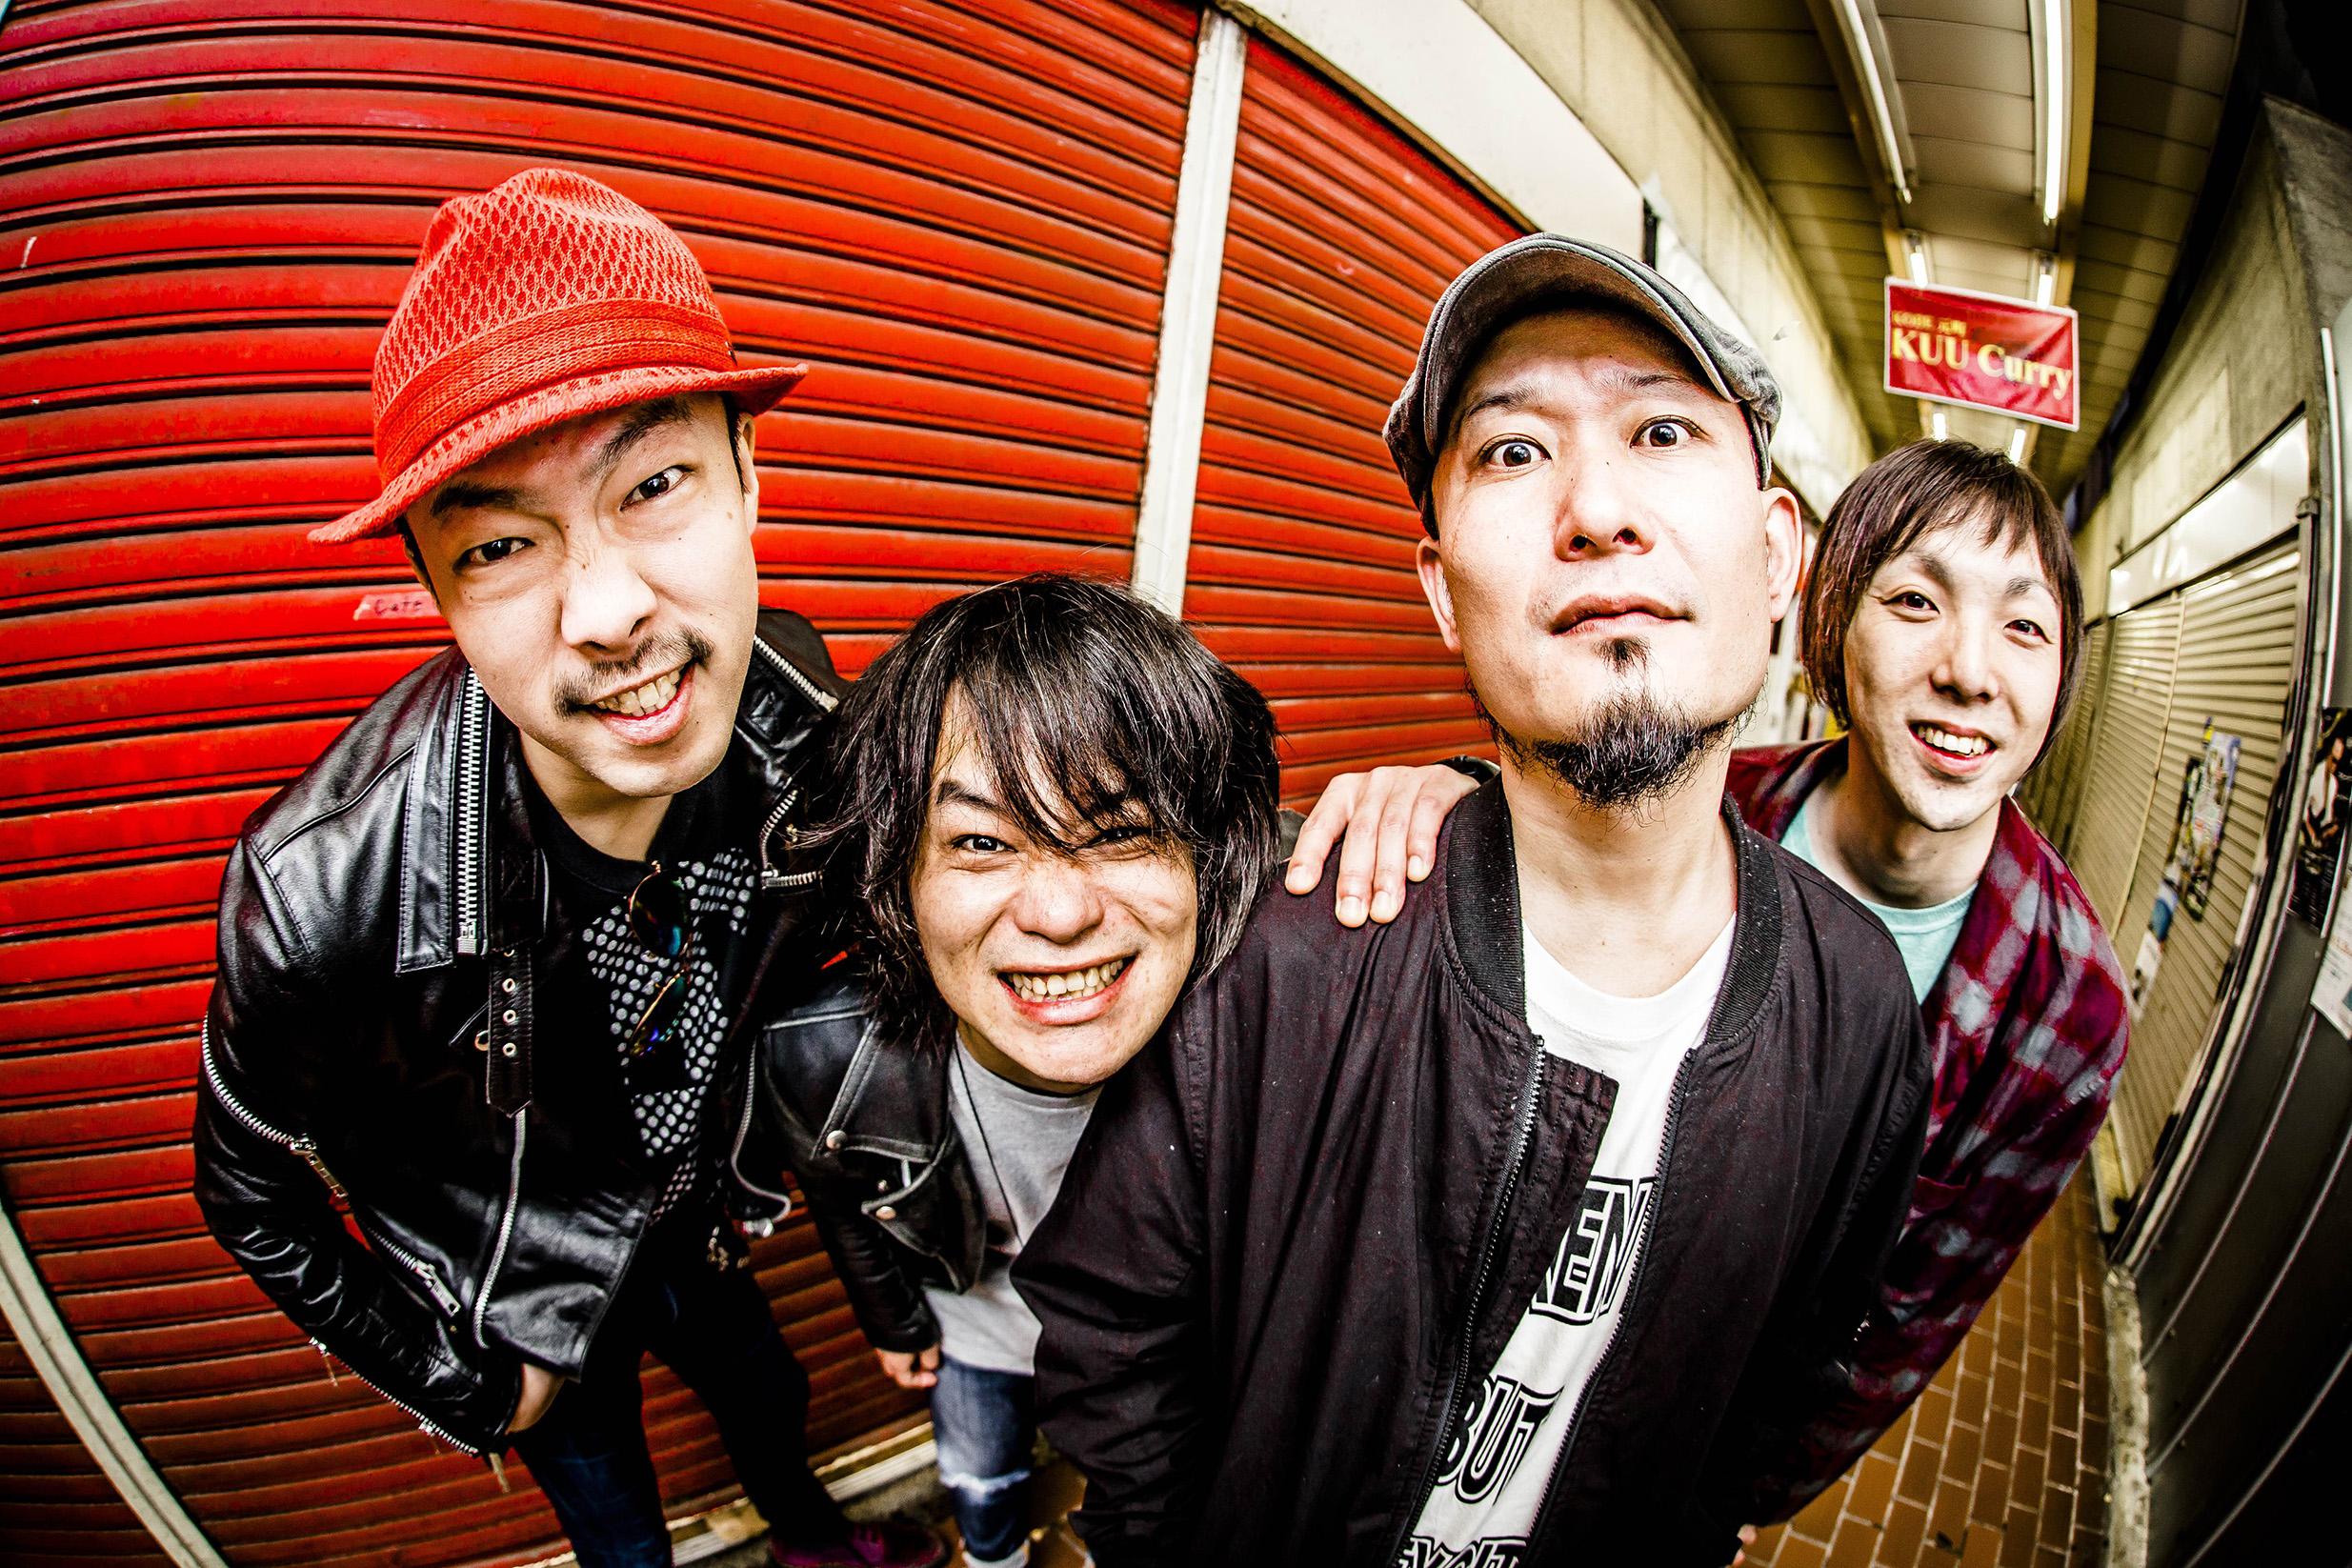 L→R 田嶋悟士(ドラム叩き手)、山本 聡(ギター弾き手)、コザック前田(唄い手)、桑原康伸(ベース弾き手)